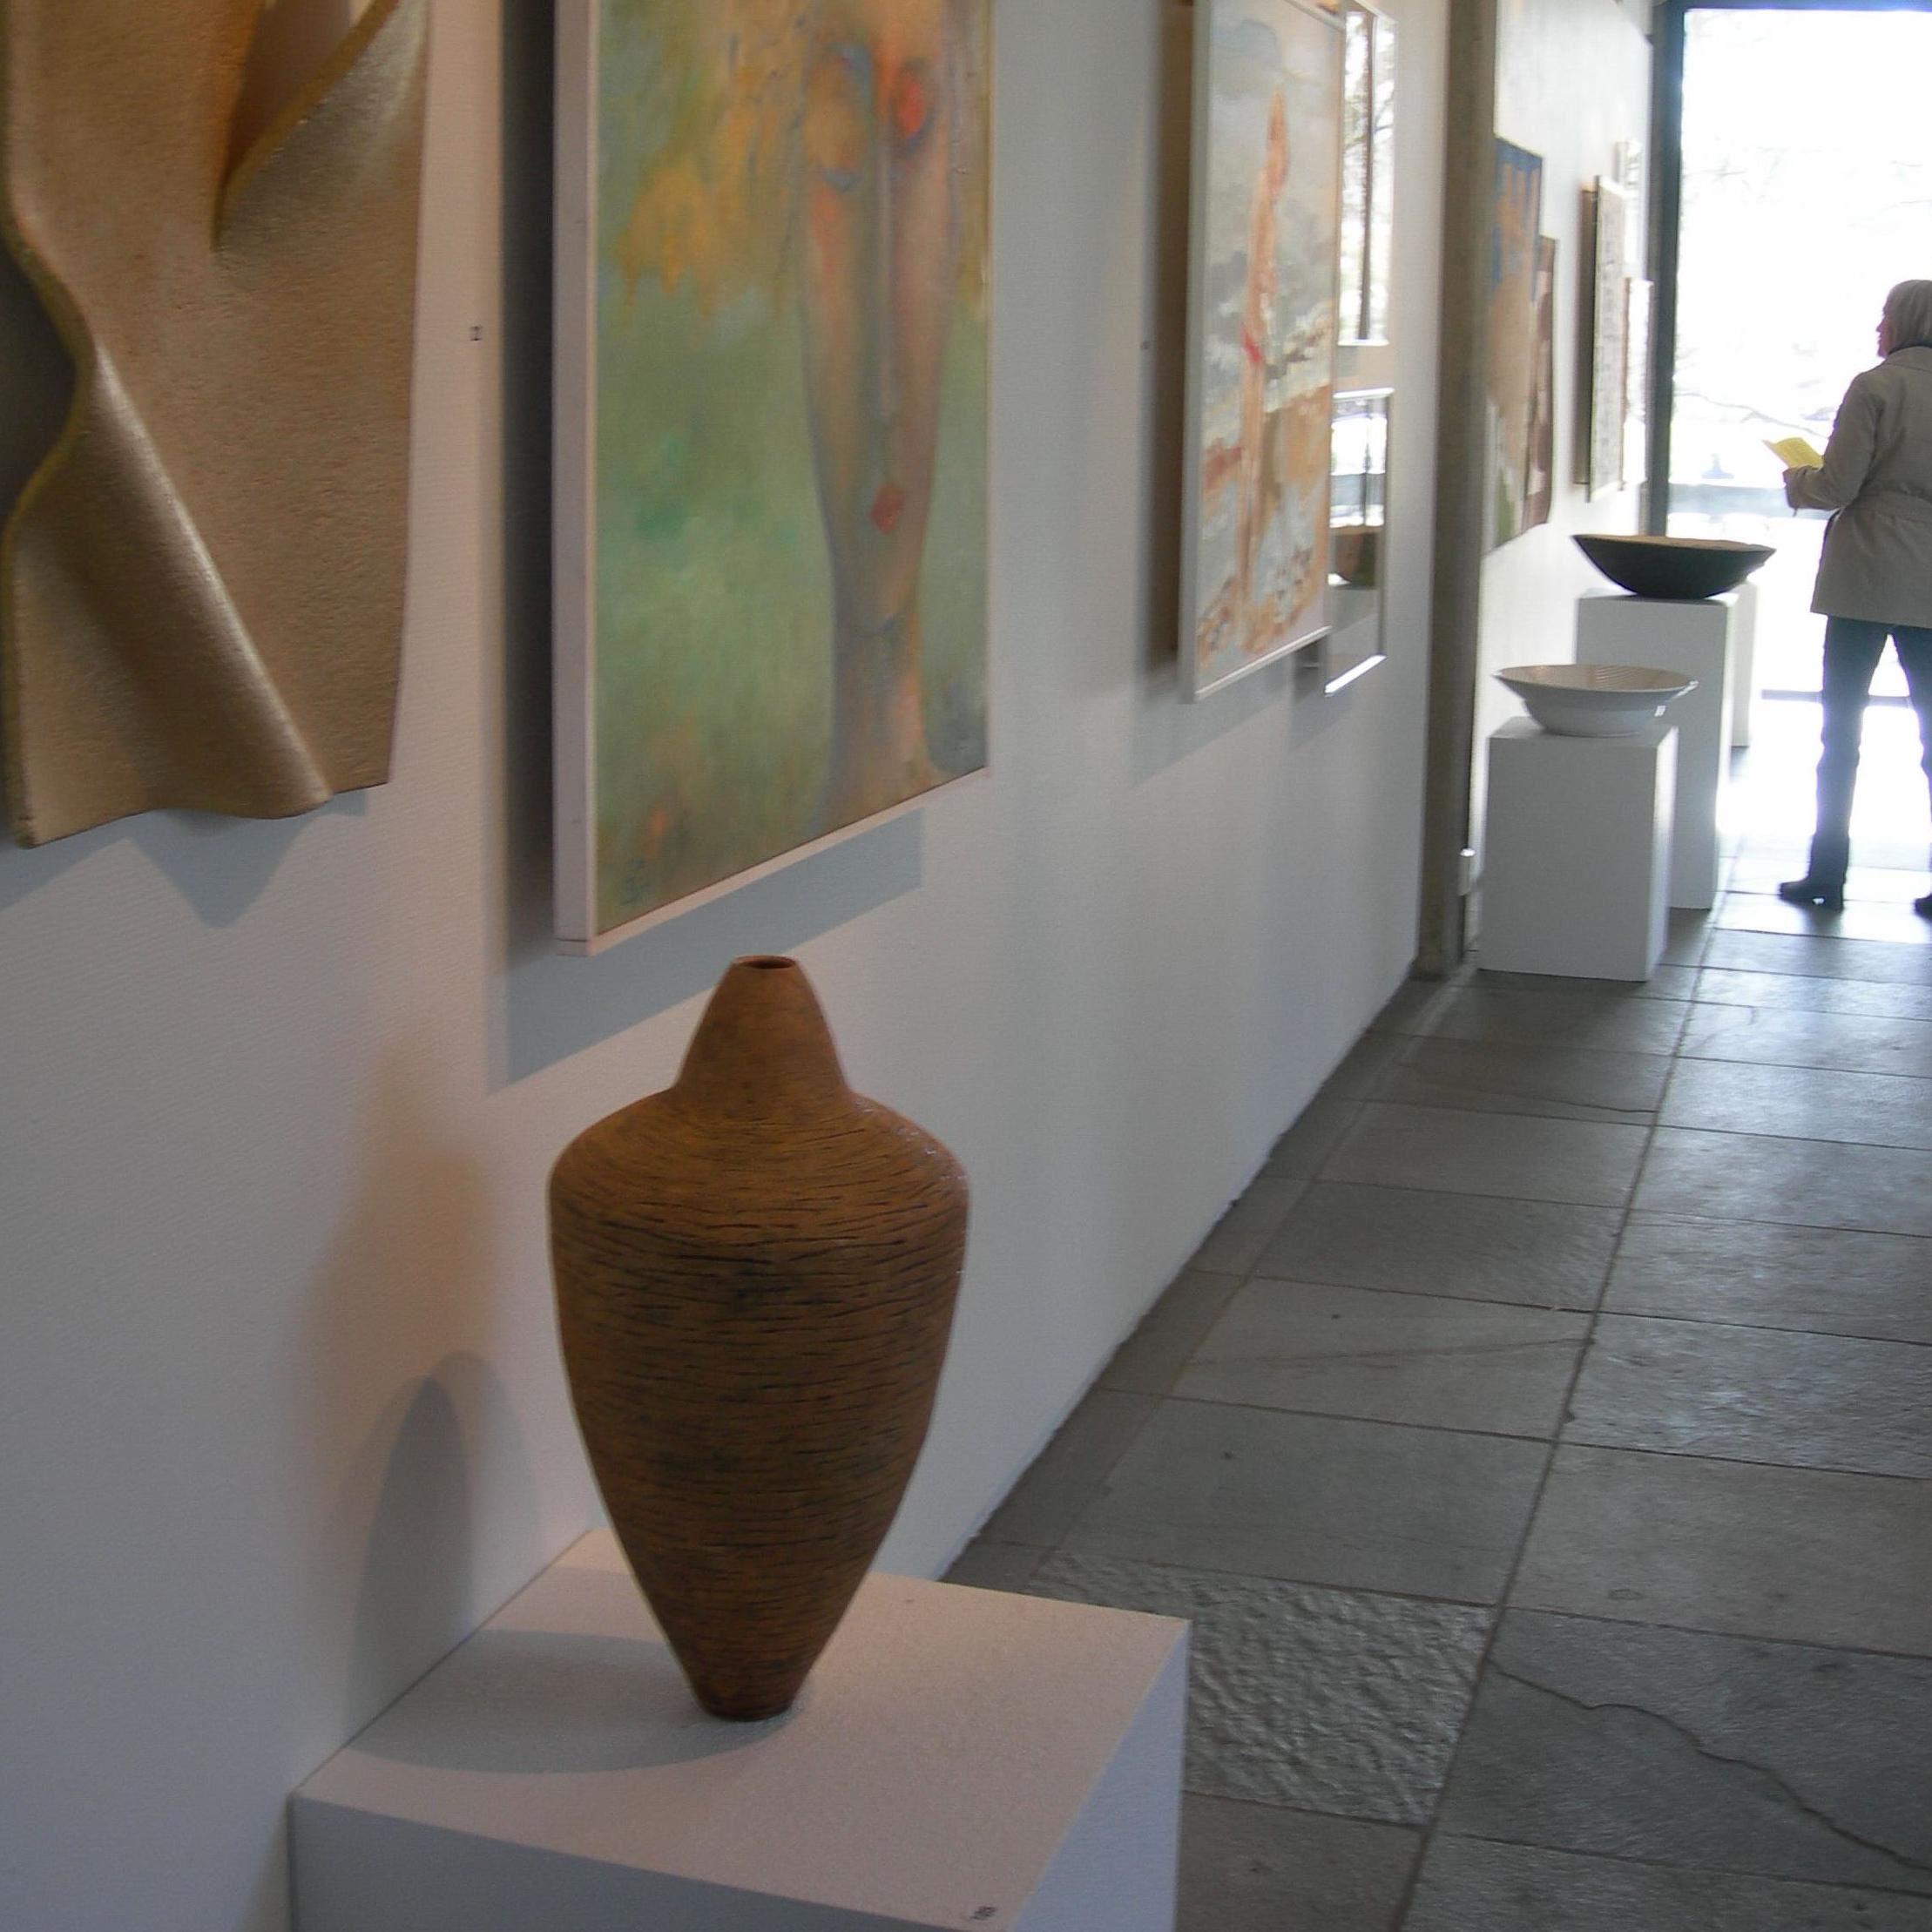 Foto: Landskrona stad, Landskrona Art Gallery